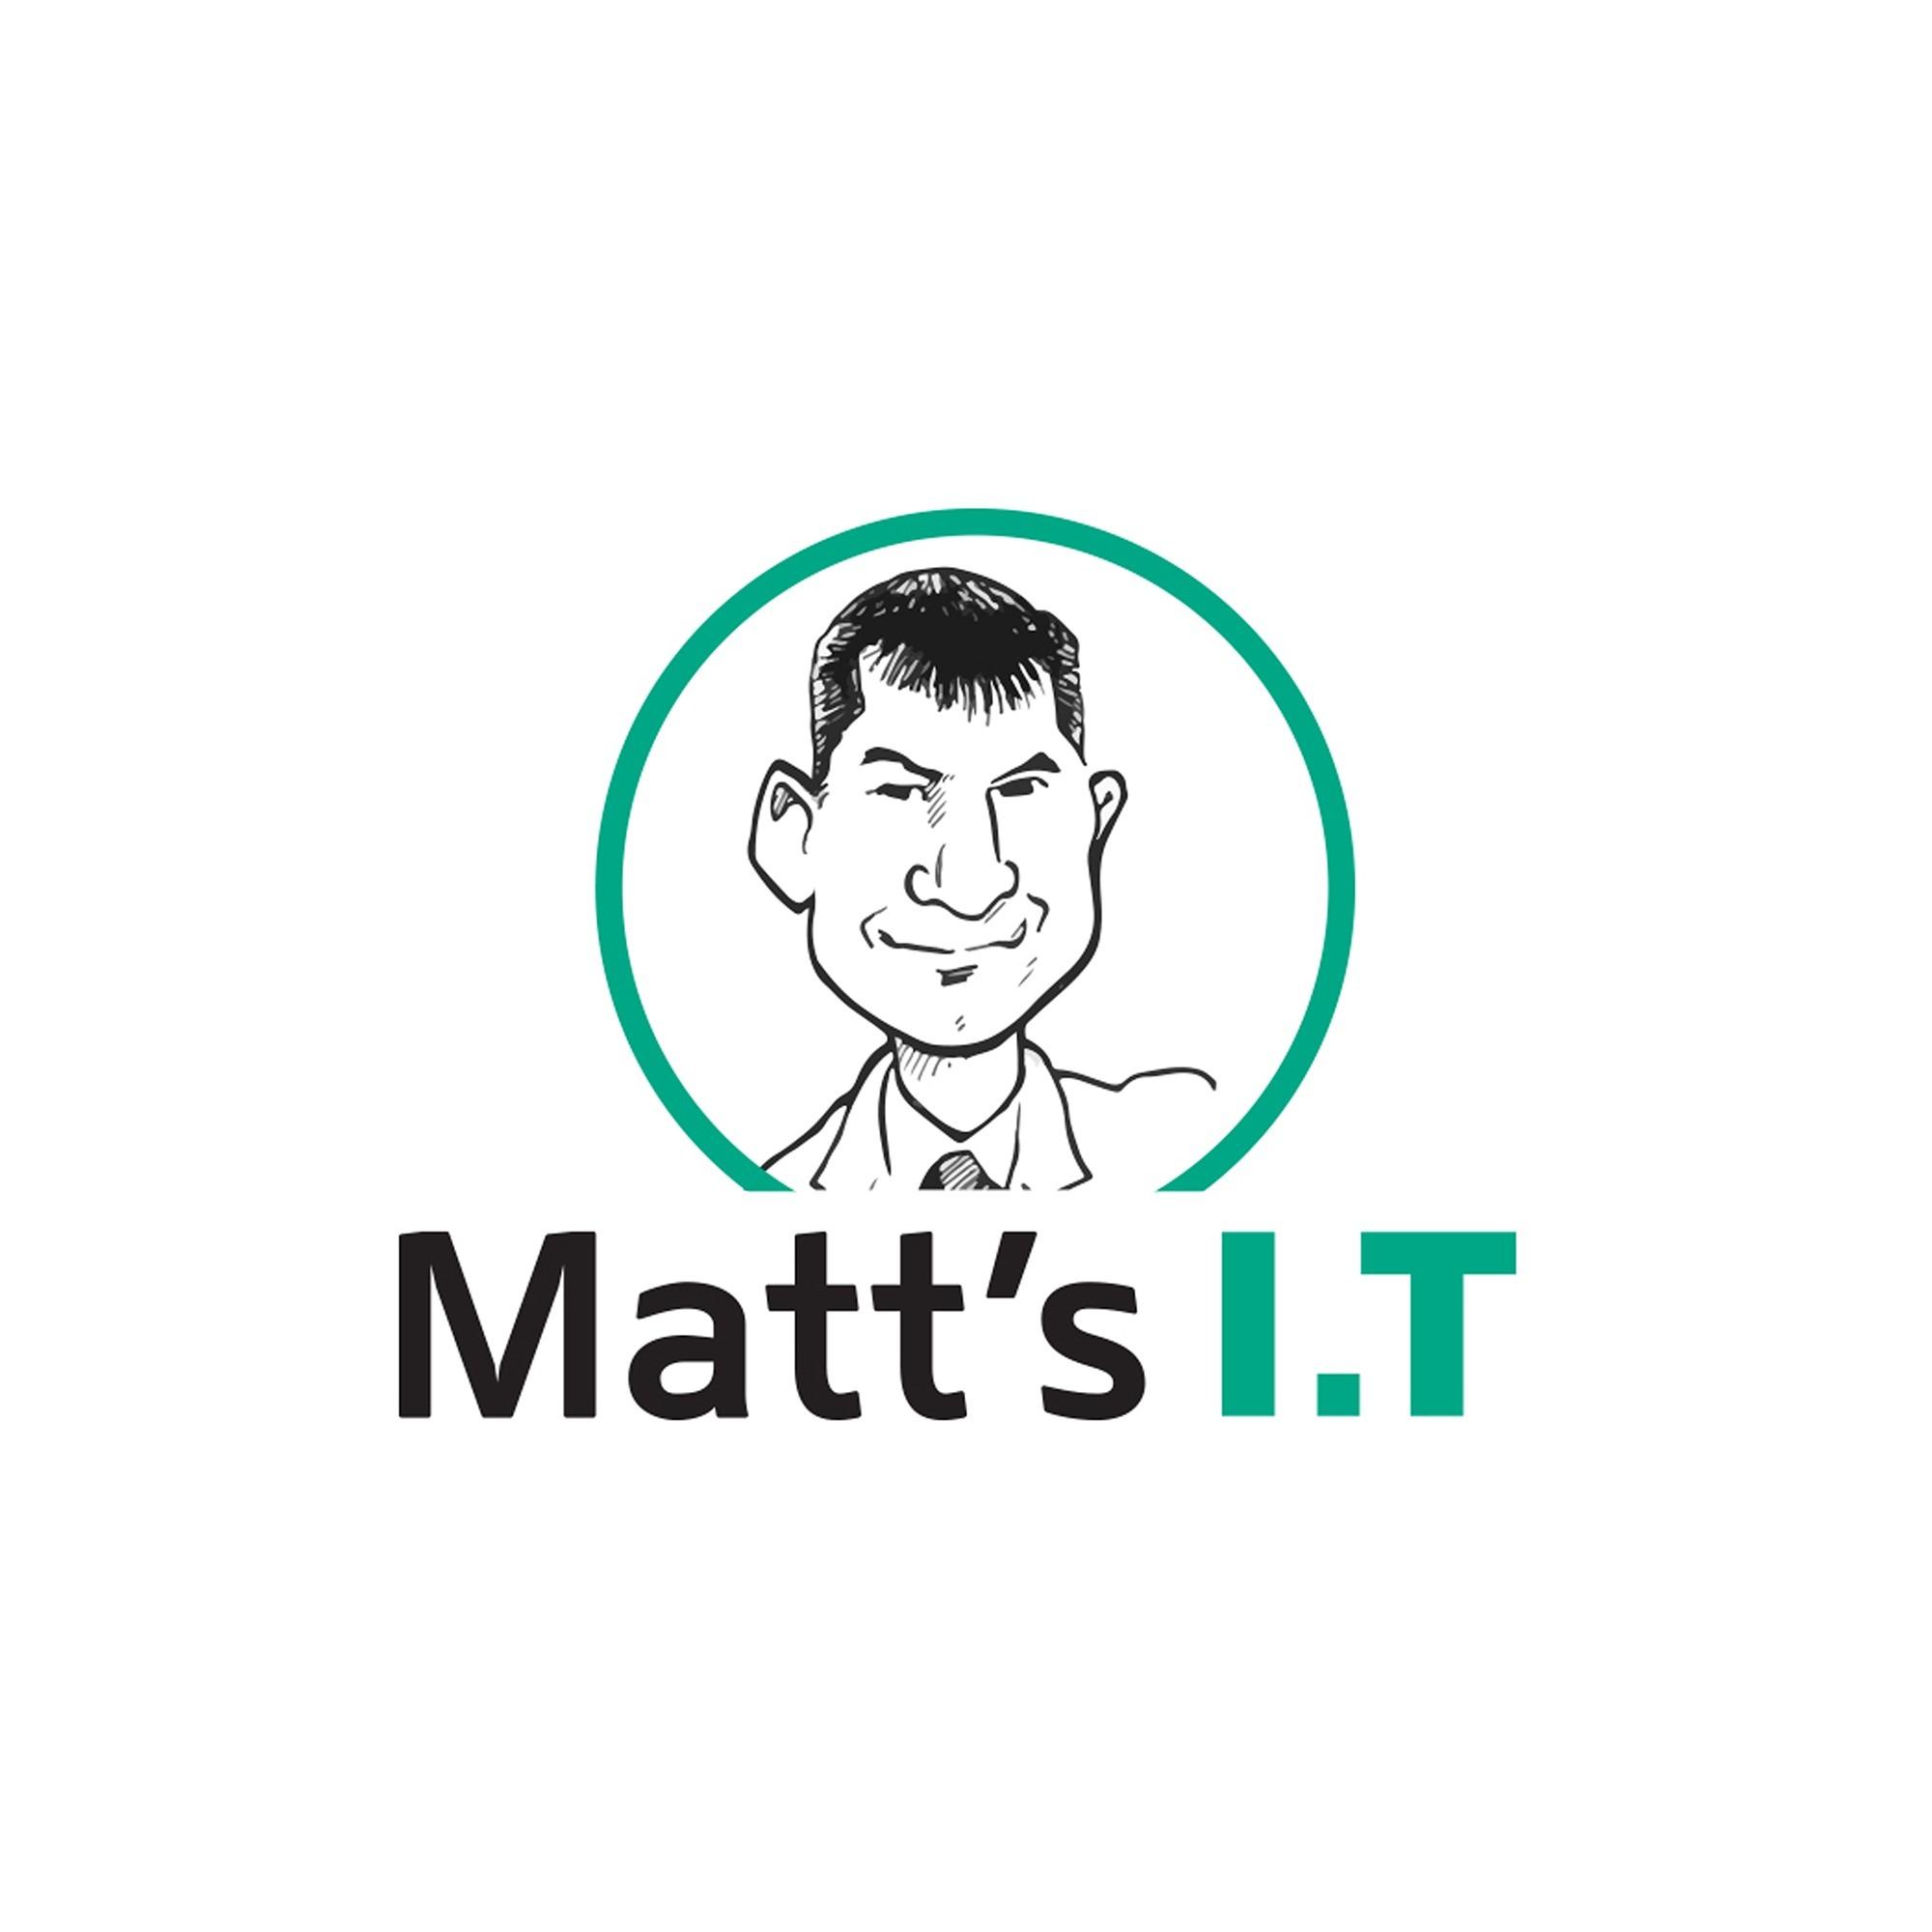 Matt's IT Limited